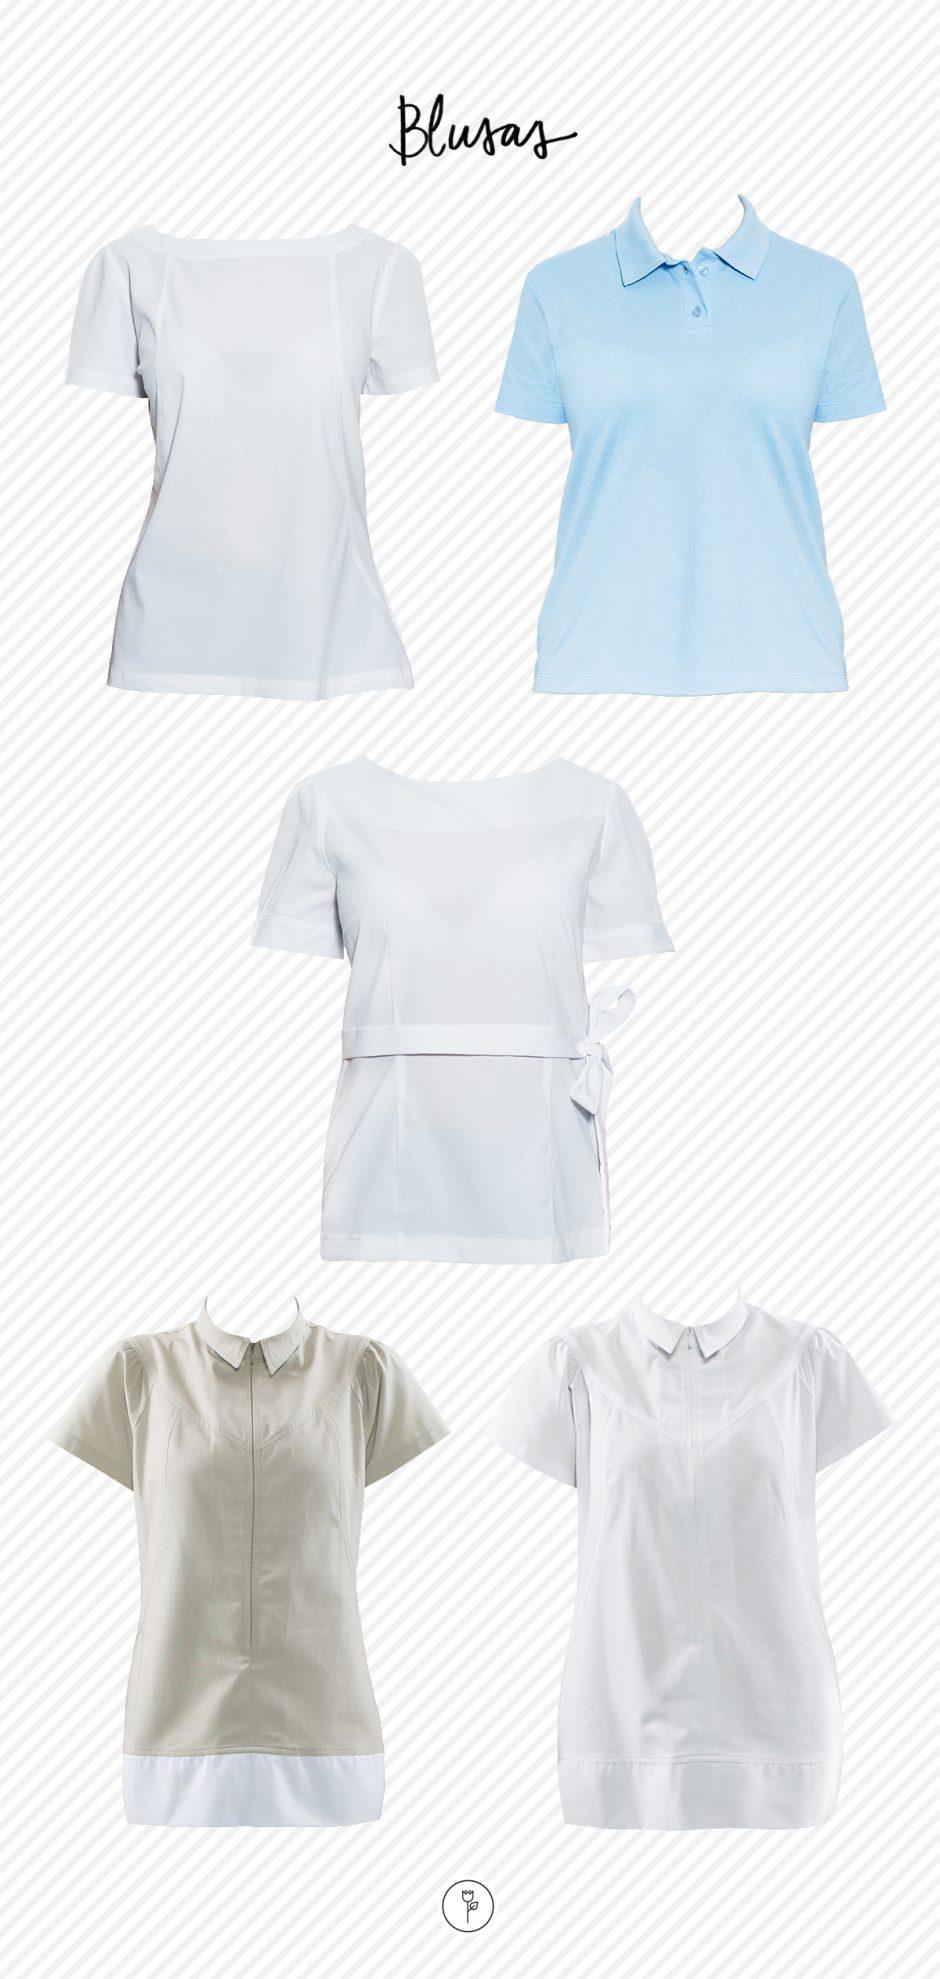 22-08 uniformes para casa - blusas